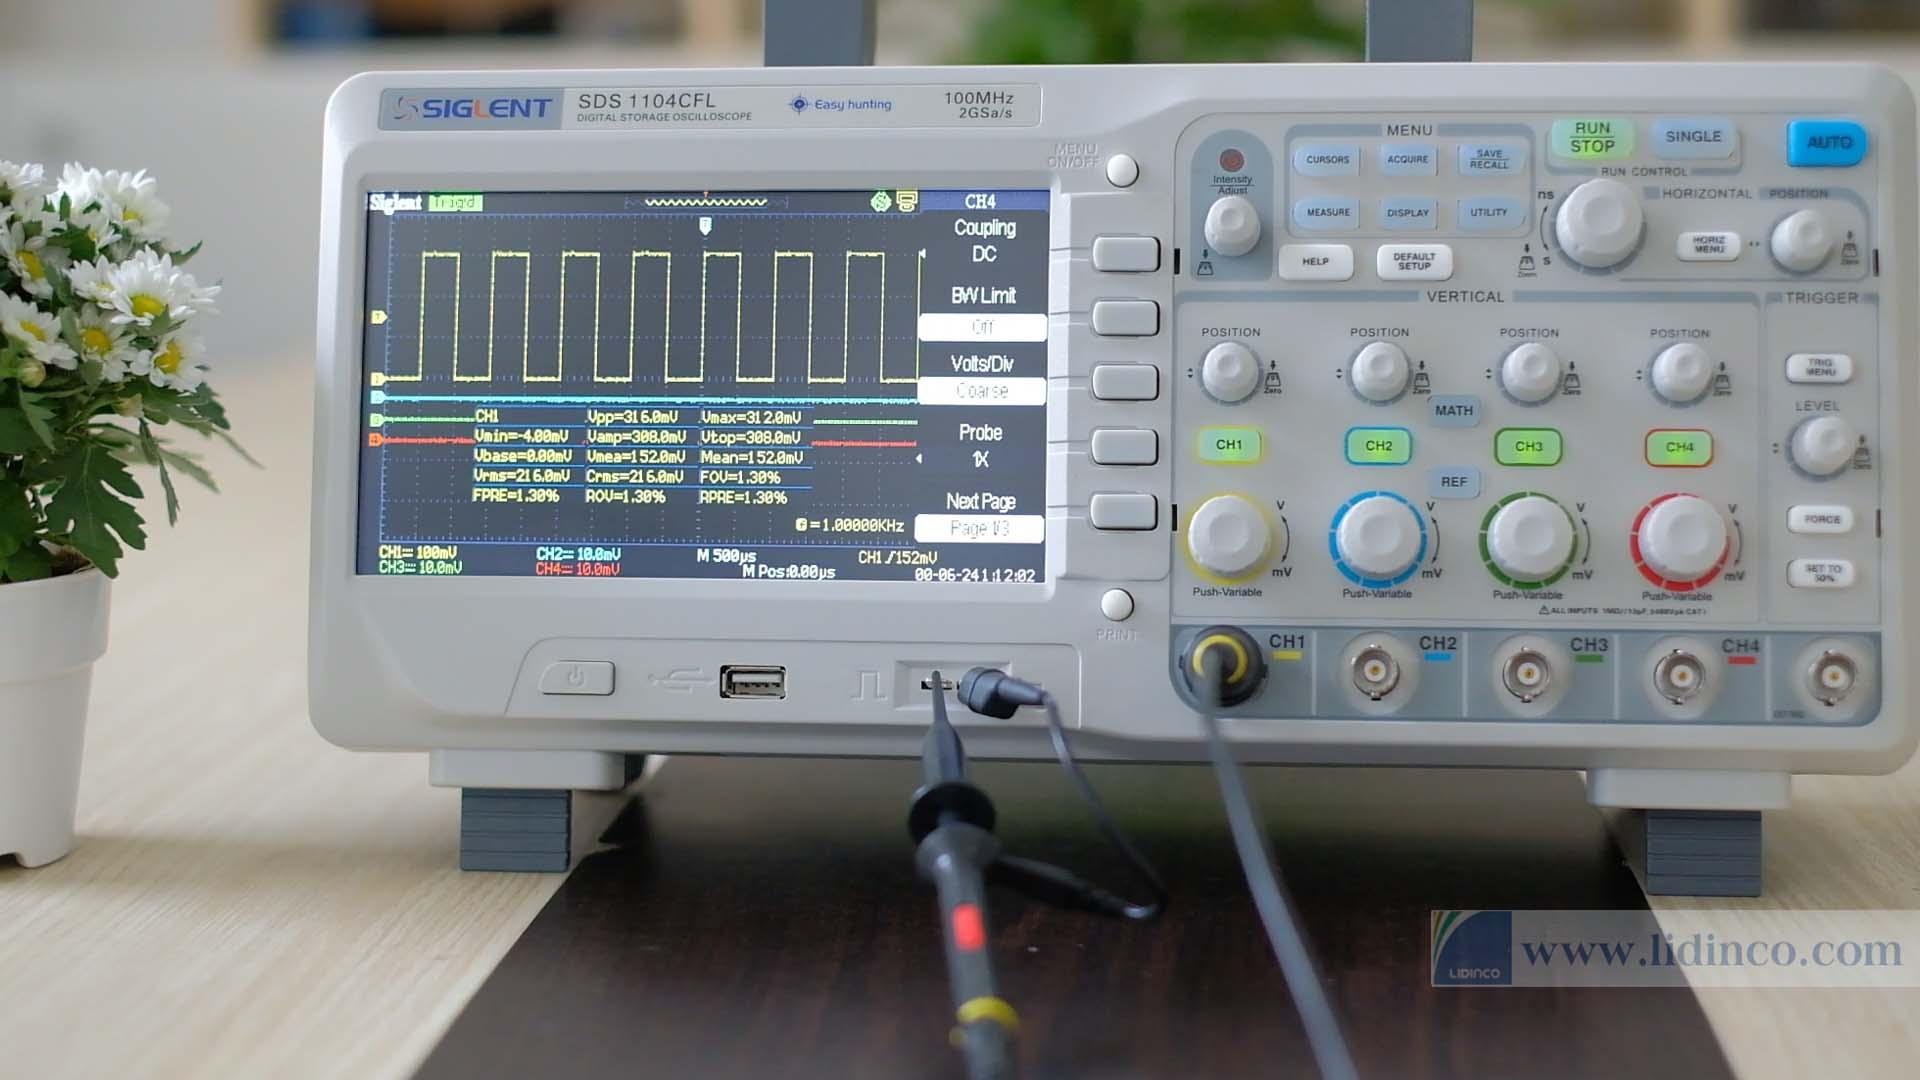 Máy hiện sóng SDS1104CFL 100MHz 4 kênh